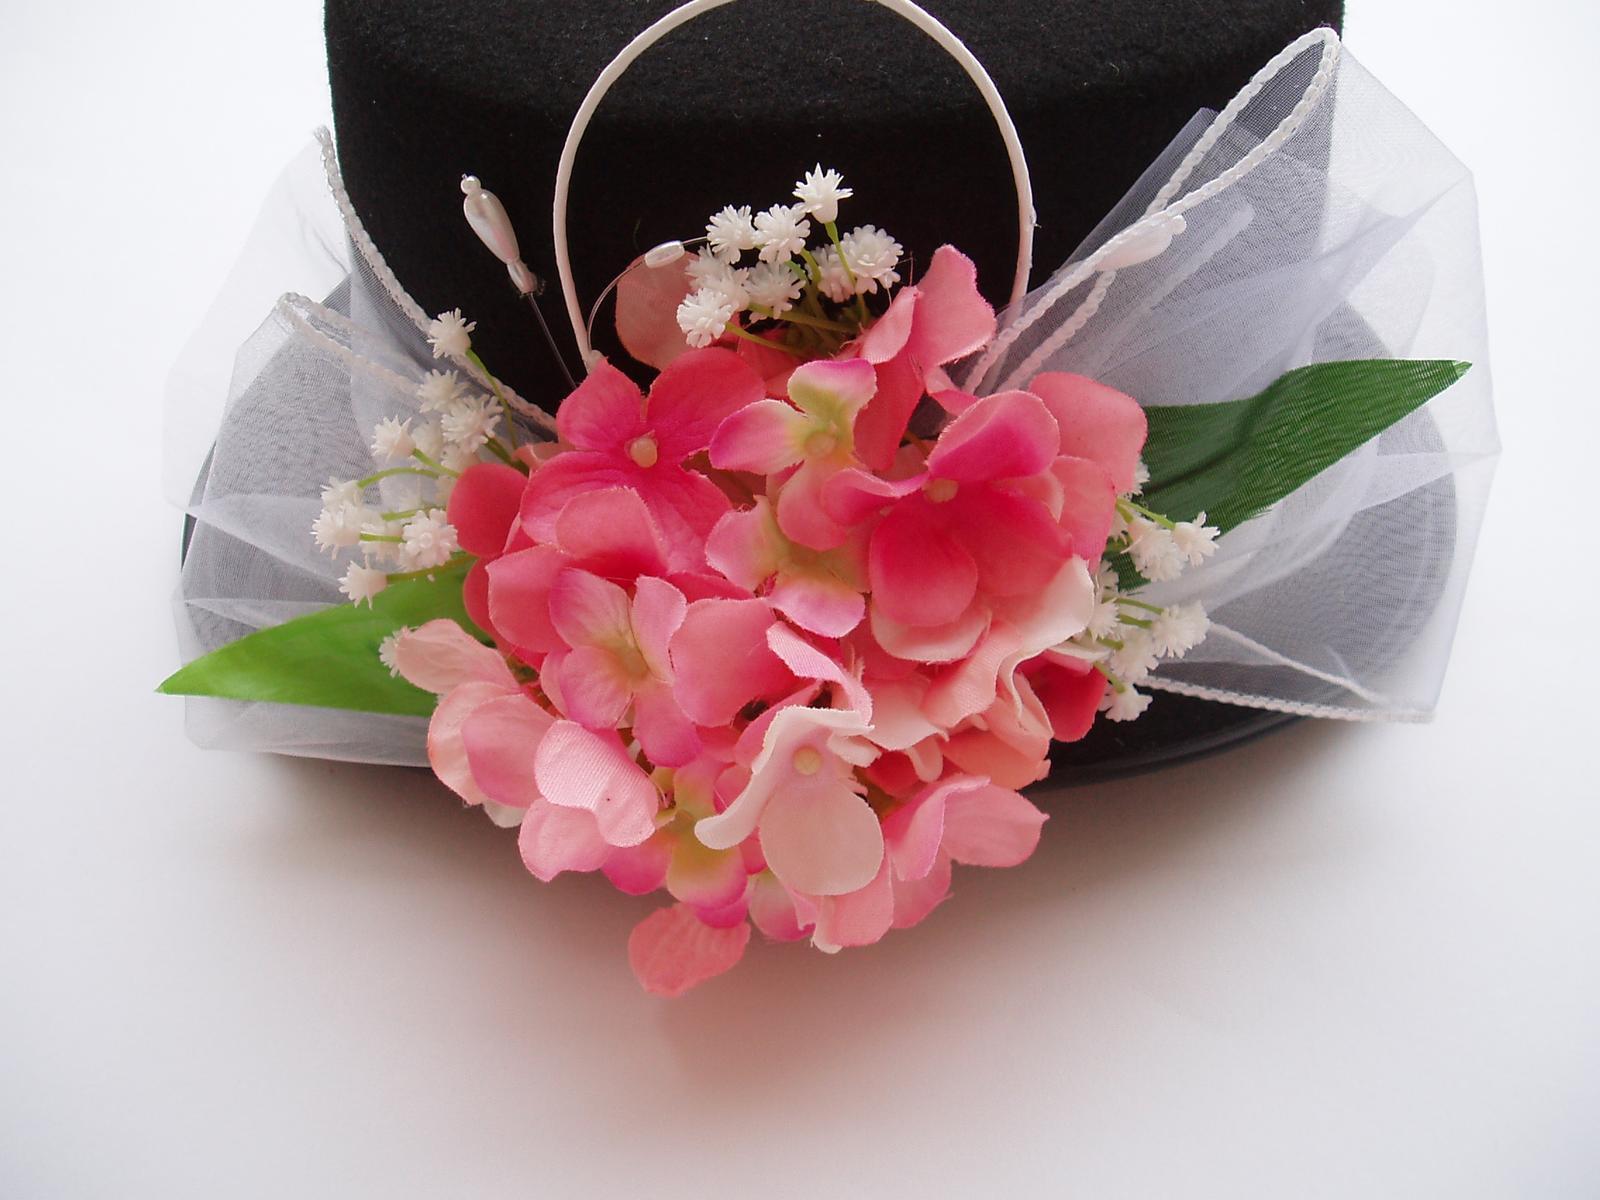 cylindr-růžová hortenzie - Obrázek č. 2